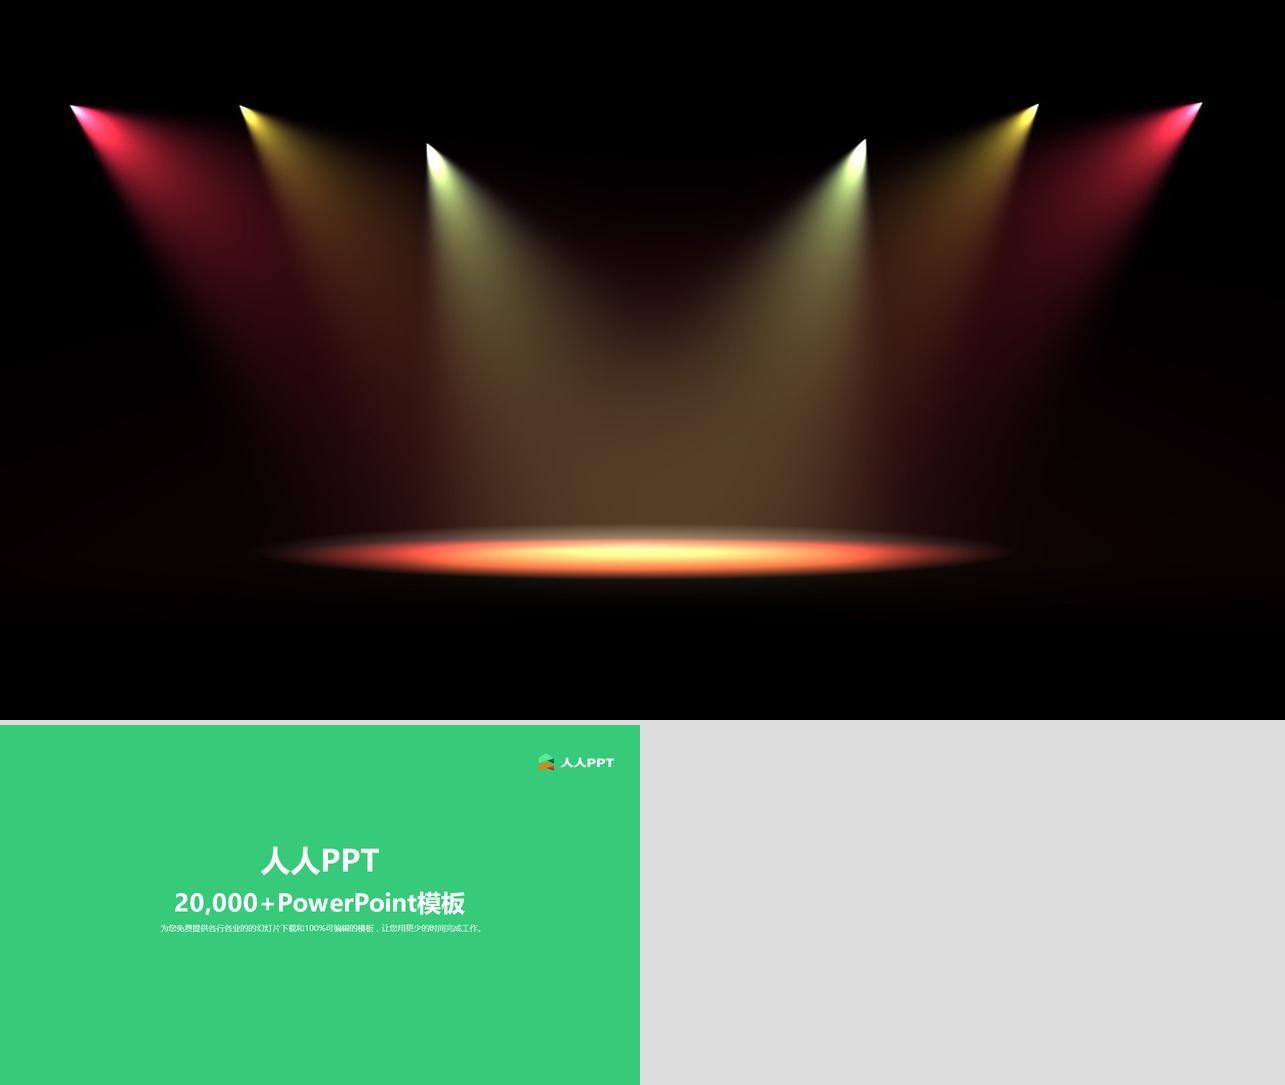 灯光舞台幻灯片背景图片长图